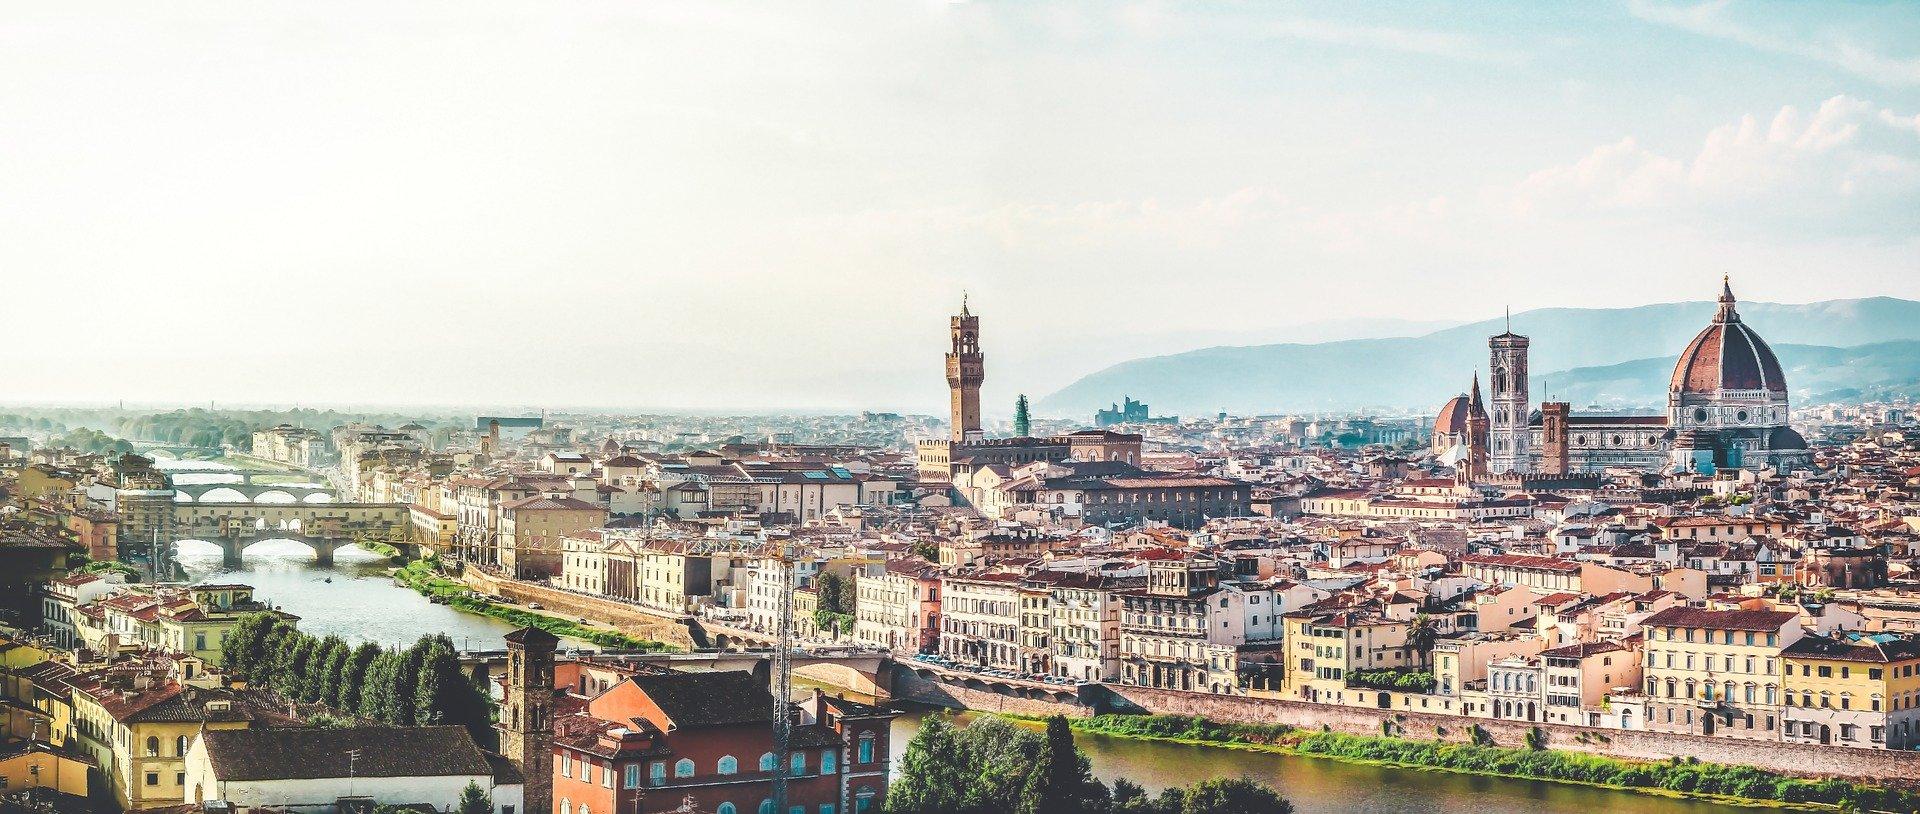 Vista panoramica de Florencia desde la plaza michelangelo